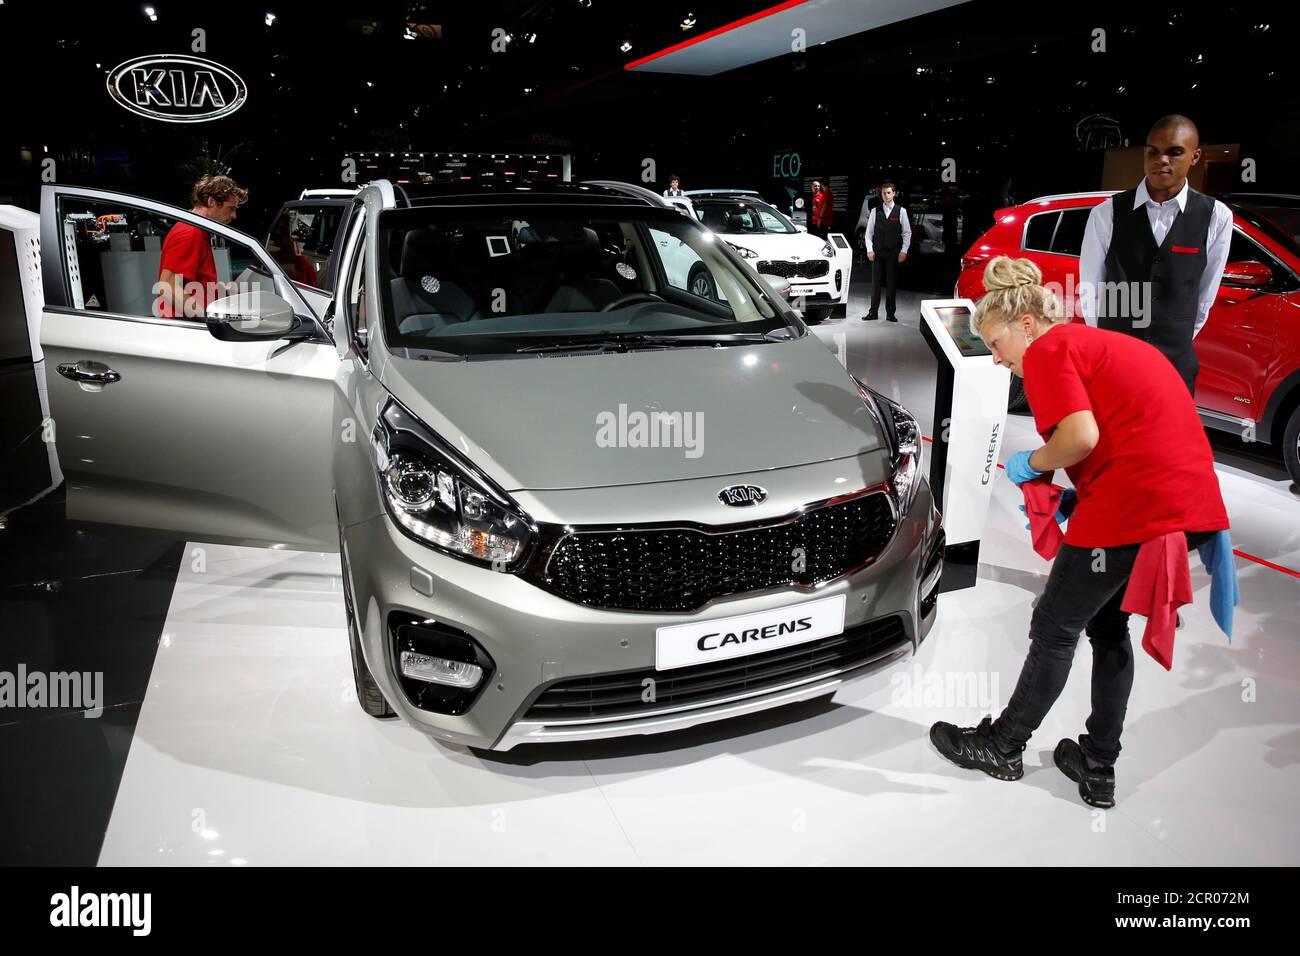 Le Kia Carens est exposé lors de la journée des médias au salon de l'auto de Paris, à Paris, en France, le 29 septembre 2016. REUTERS/Benoit Tessier Banque D'Images